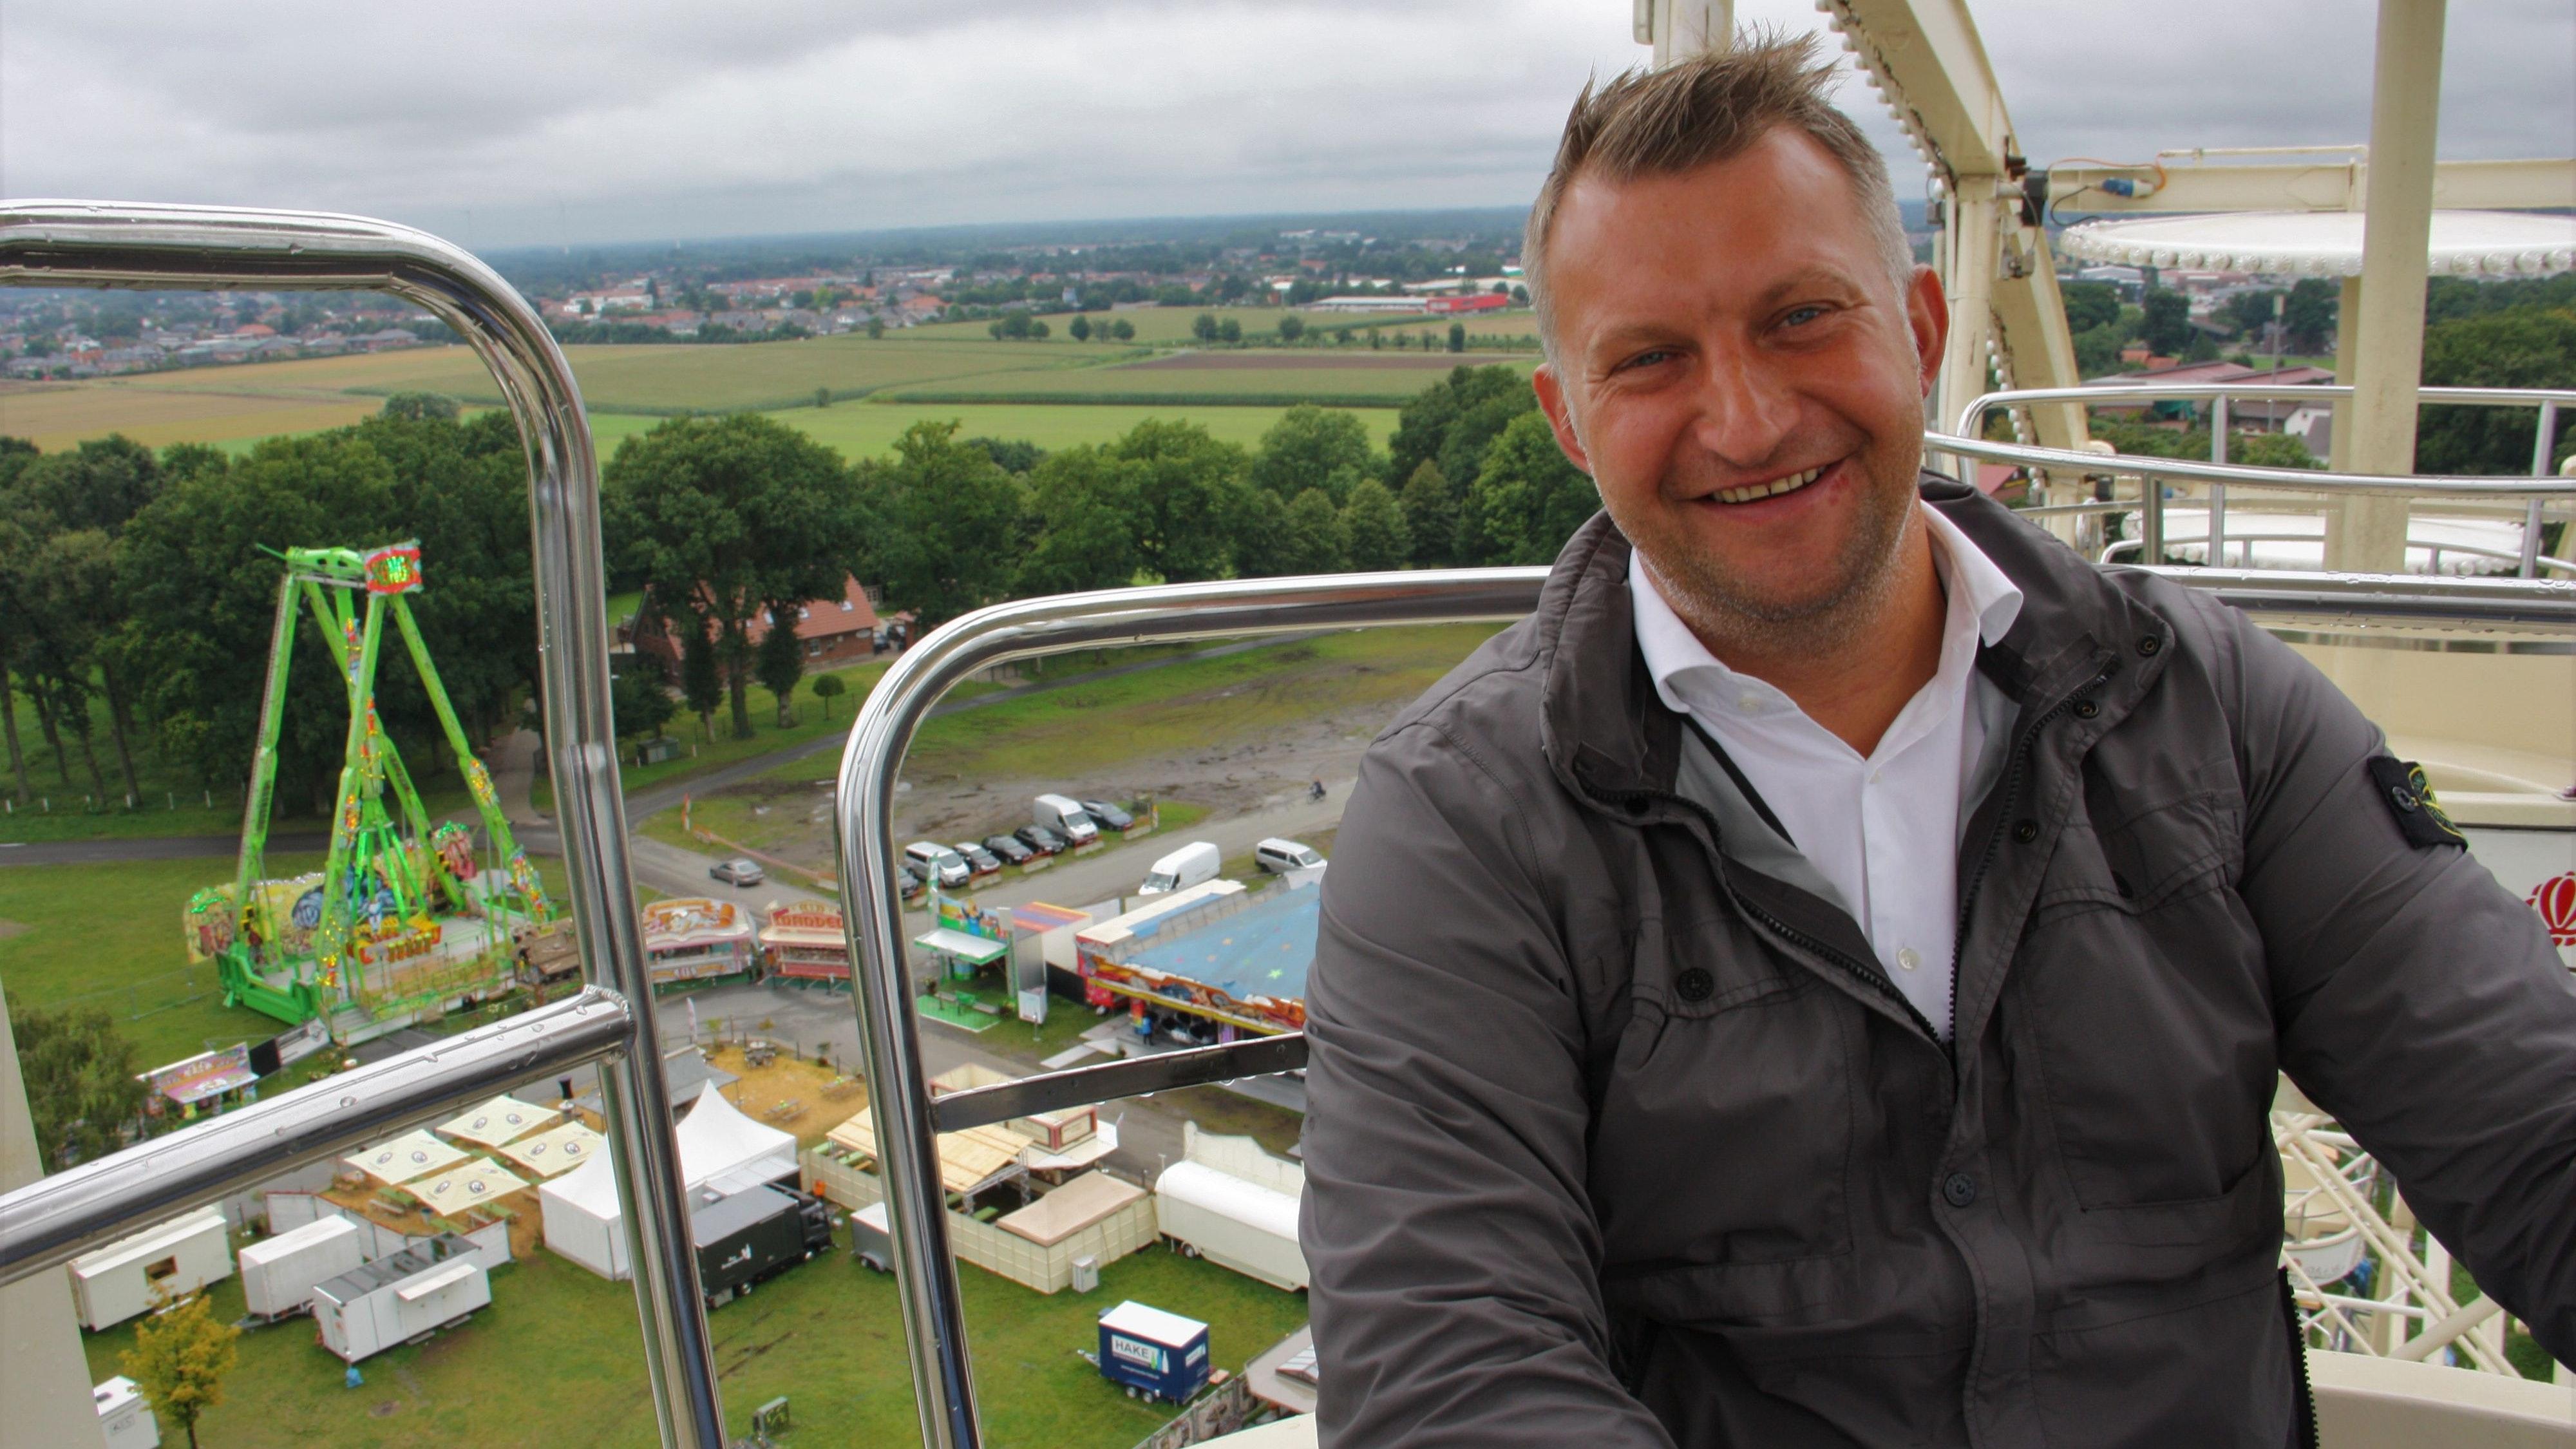 Freut sich über die vielen Besucher: der Vorsitzende des Vereins reisender Schausteller Jürgen Meyer. Foto: Bernhardt